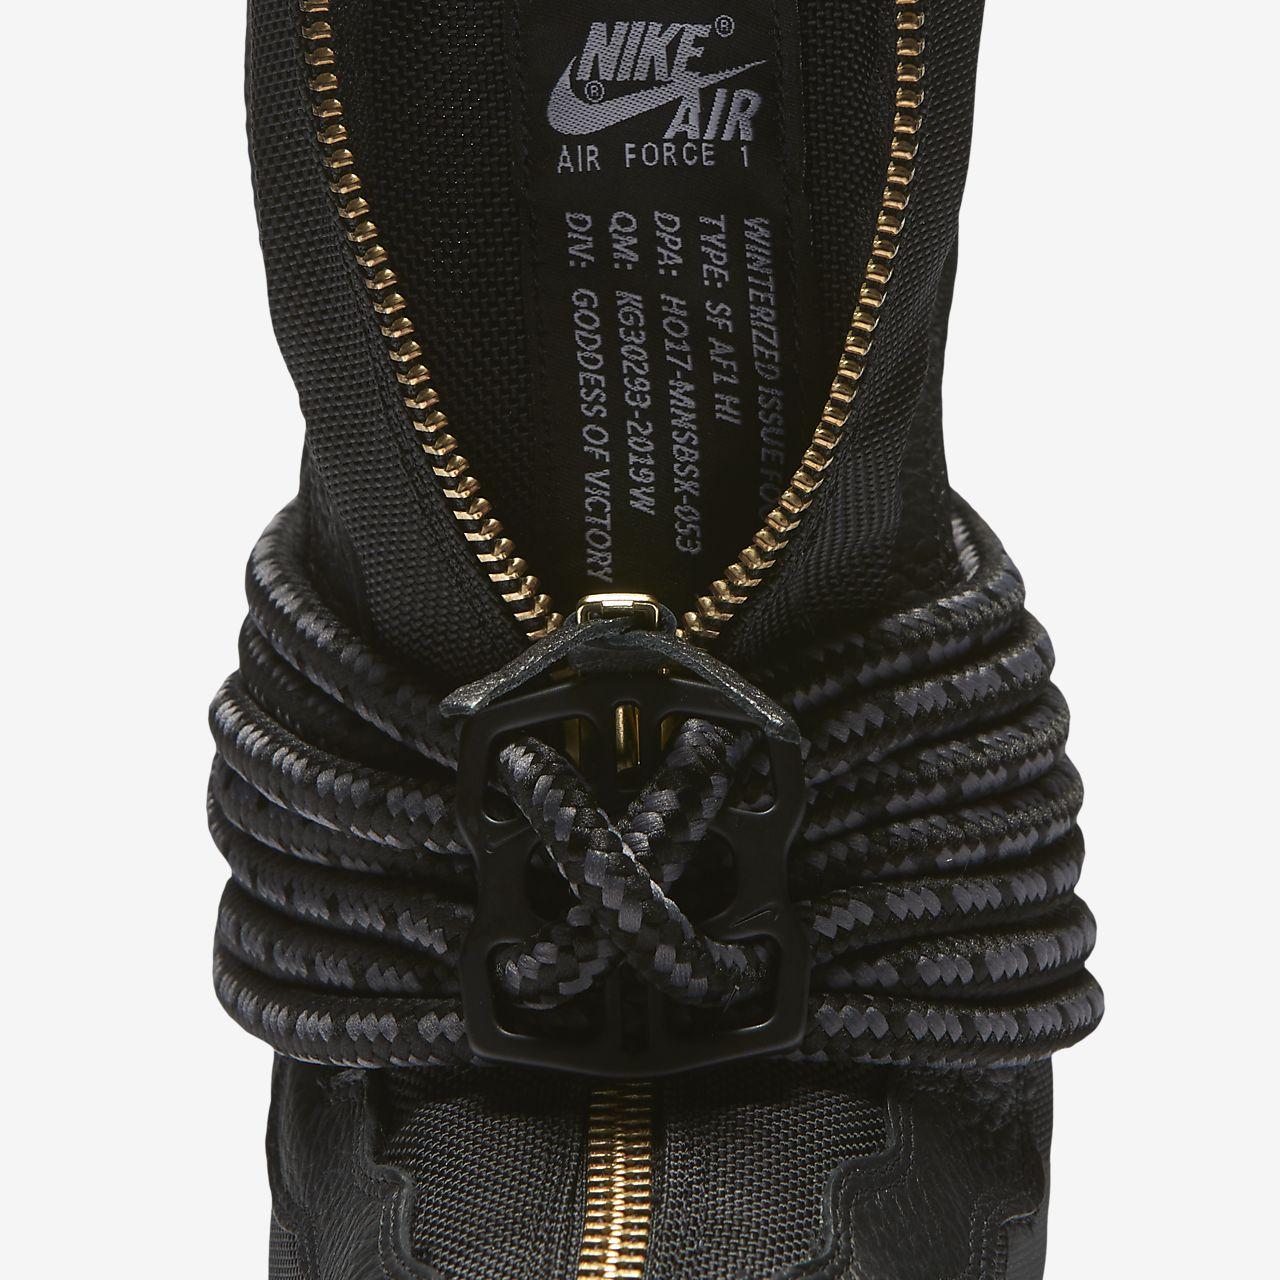 Nike SF Air Force 1 Hi Hi Hi Herrenstiefel    | Ausgezeichnetes Handwerk  c54edf